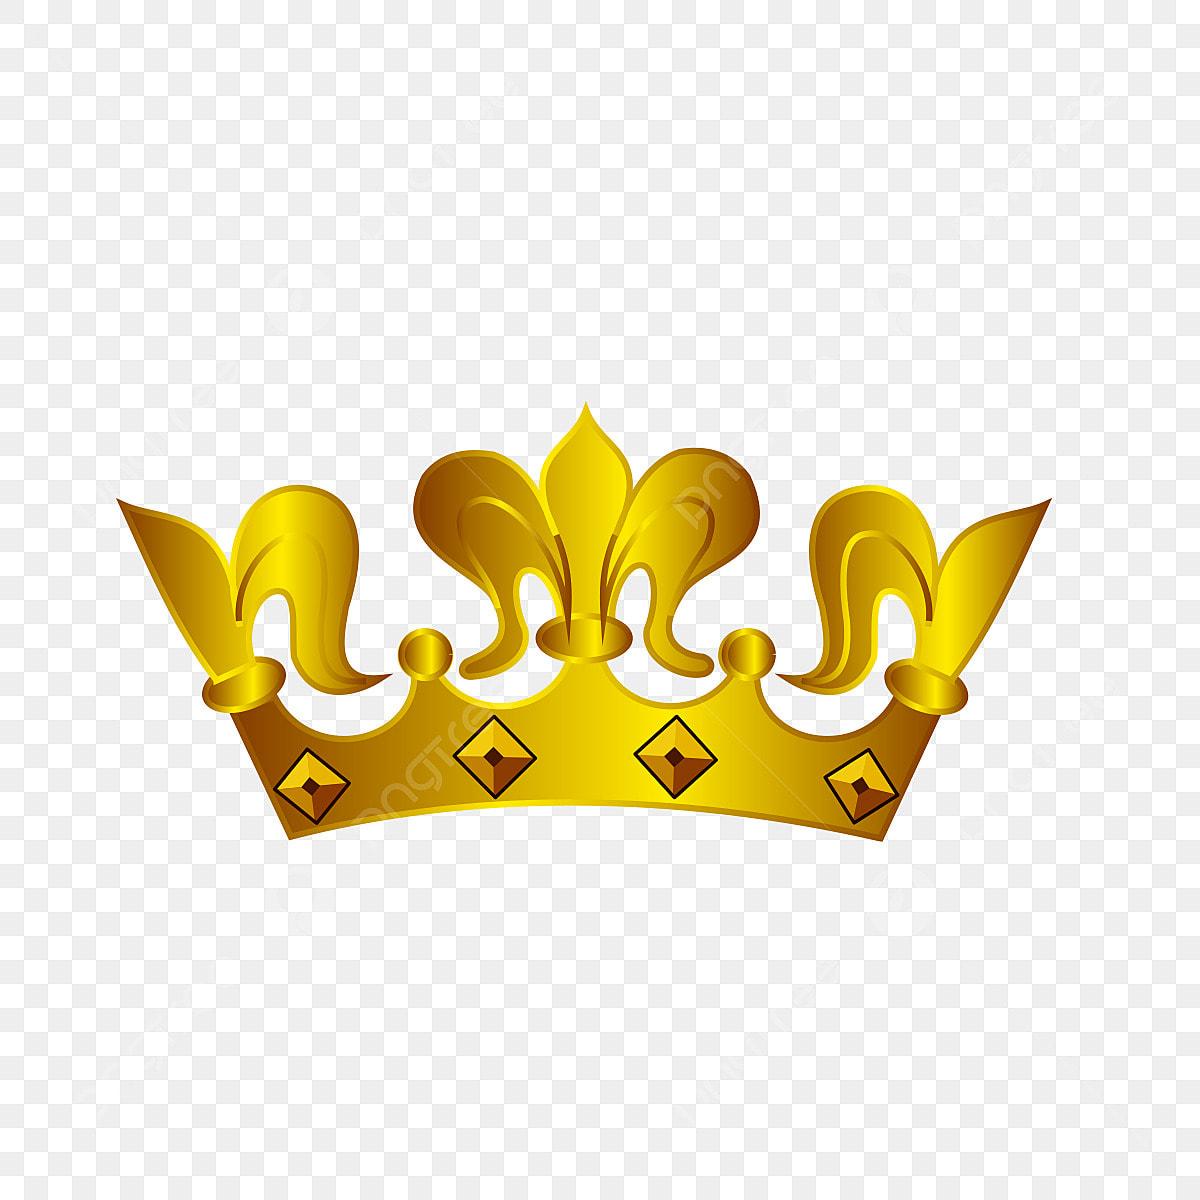 Couronne De Vecteur Royal Or Clipart Couronne De Princesse Couronne Png Clipart Fichier Png Et Psd Pour Le Telechargement Libre